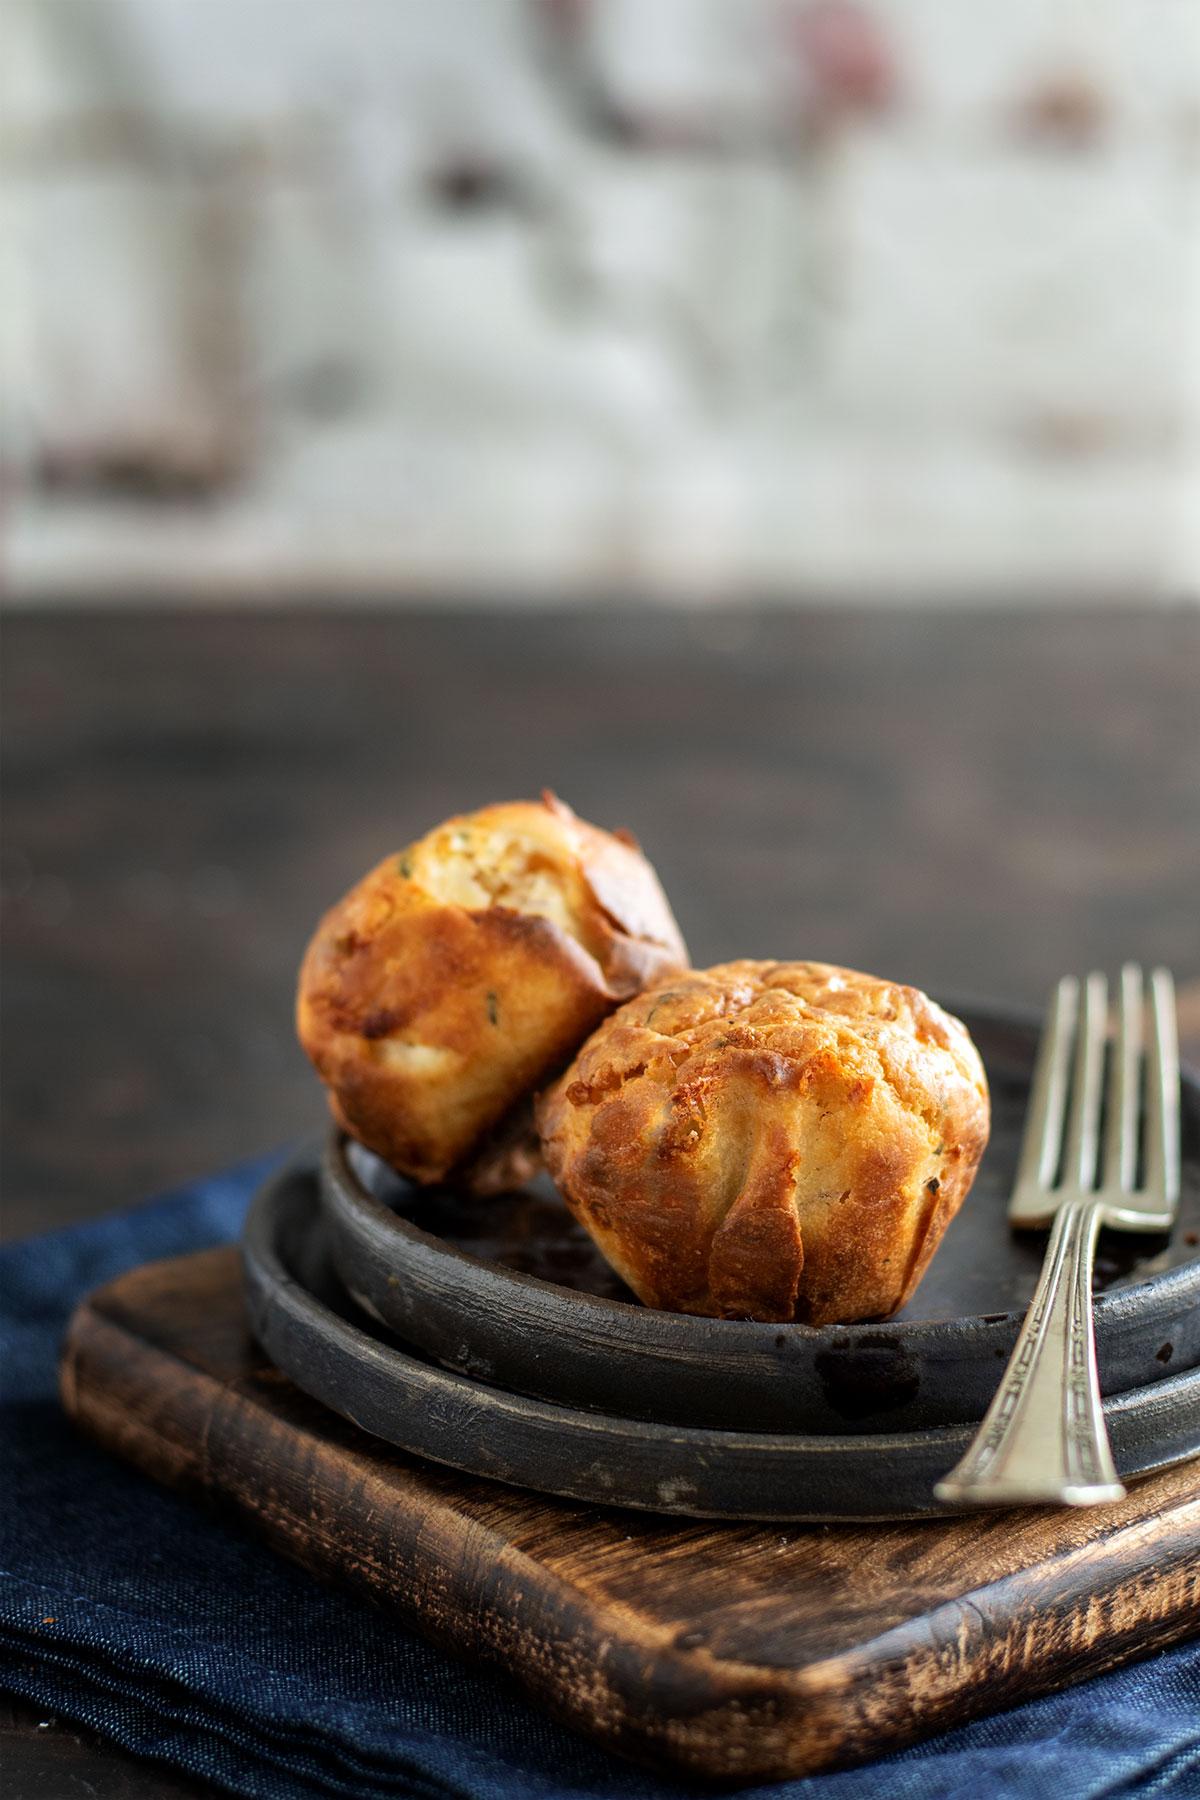 αλμυρά muffins, μαφίνς γεμιστά με τυρί κρέμα